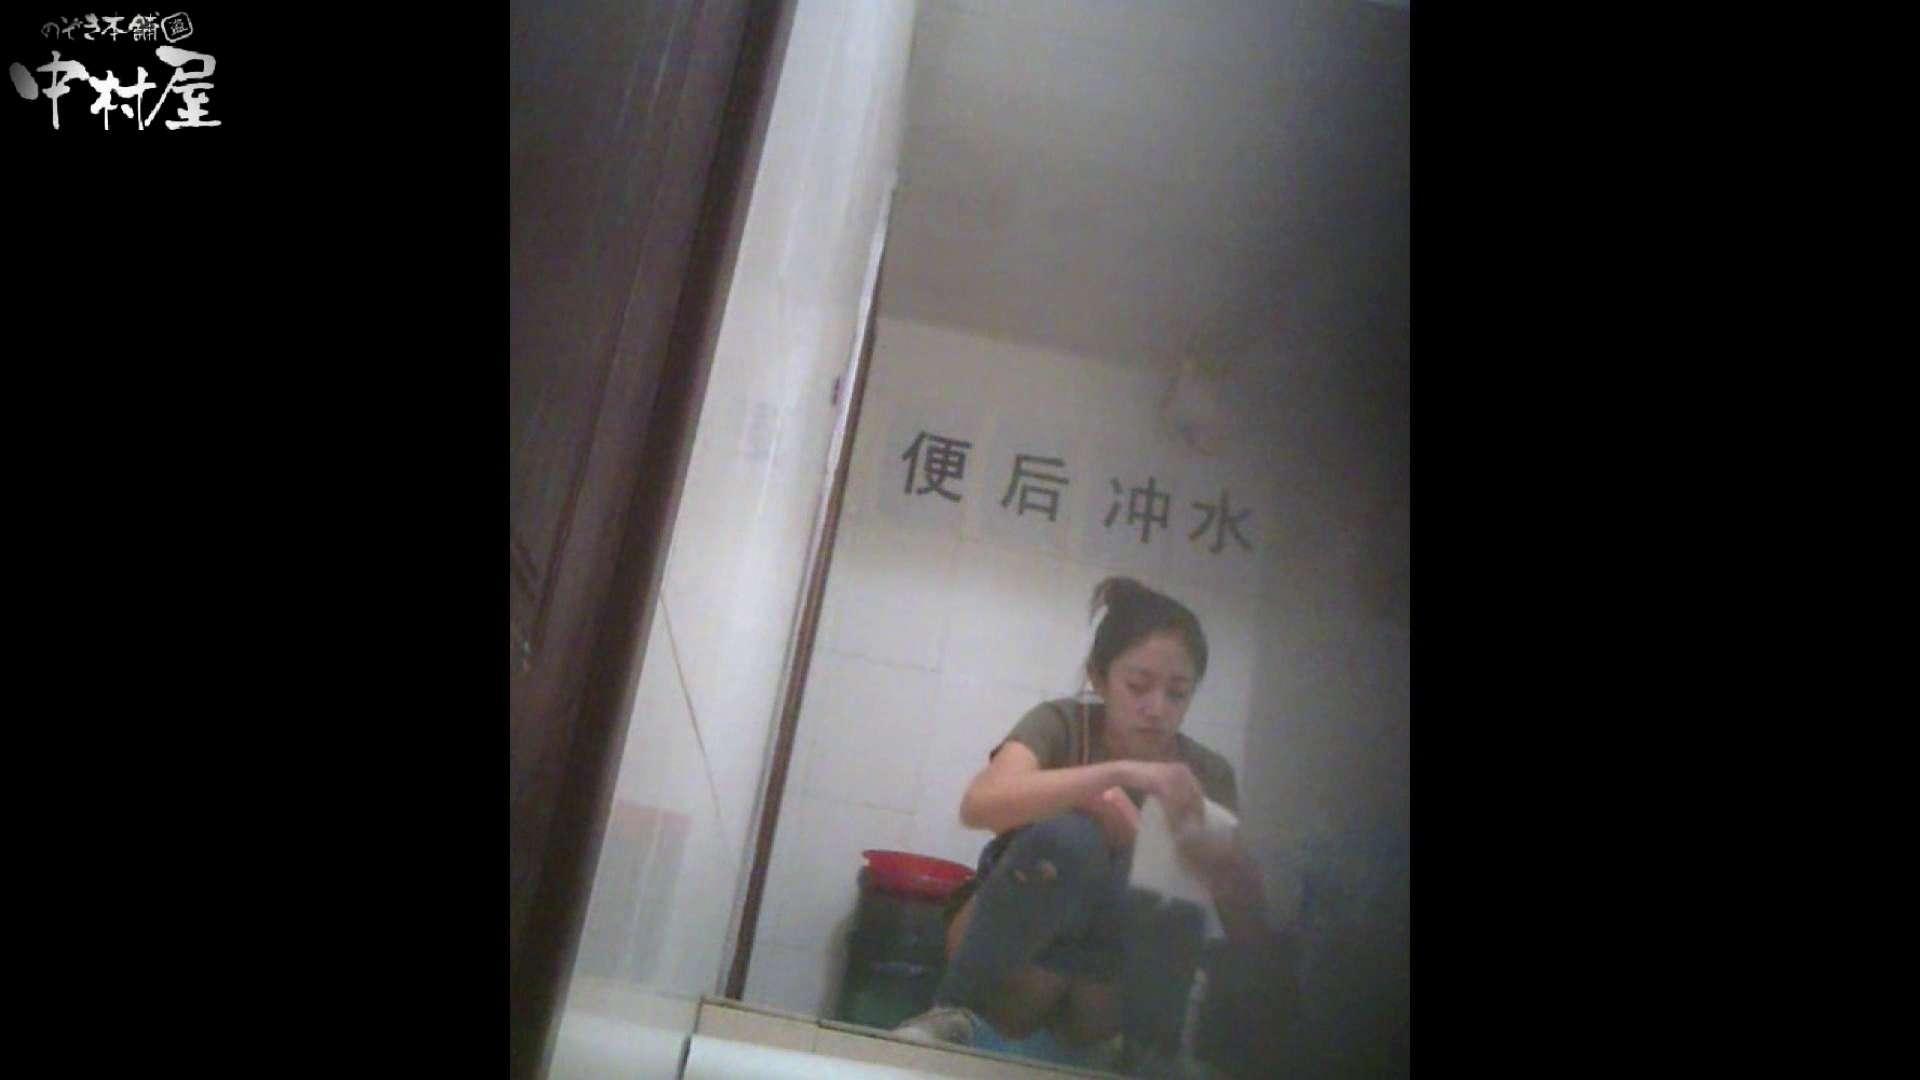 李さんの盗撮日記 Vol.03 OLエロ画像  29PICs 5